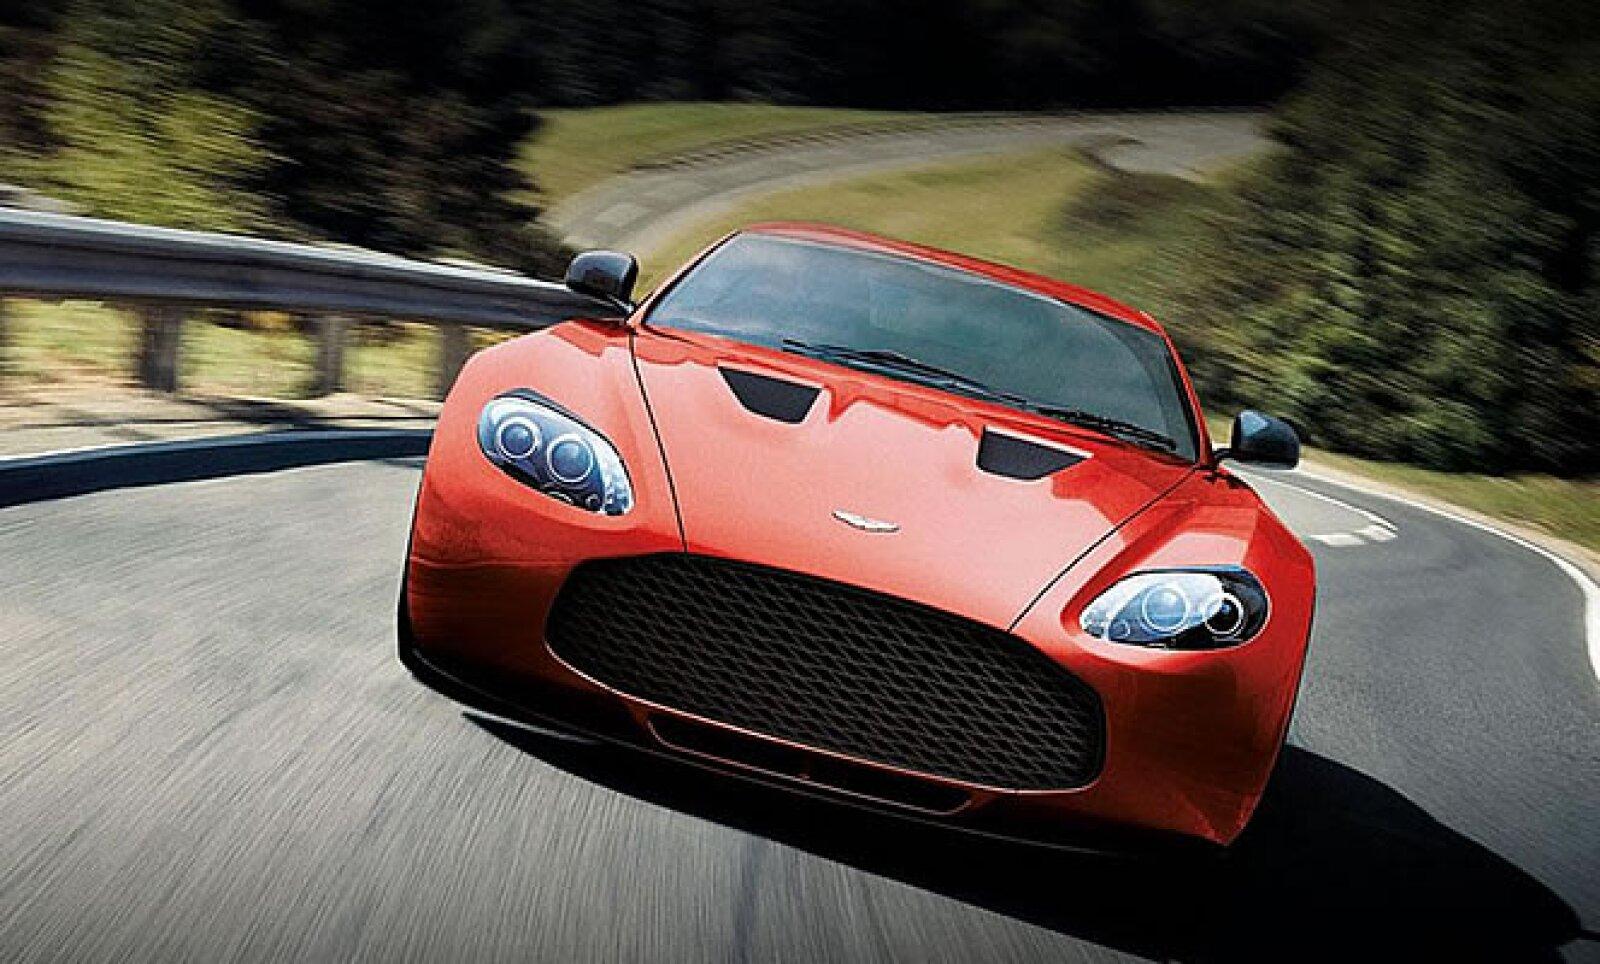 El nuevo V12 nace de la colaboración entre el fabricante inglés de finos deportivos, Aston Martin, y el carrocero italiano Zagato.